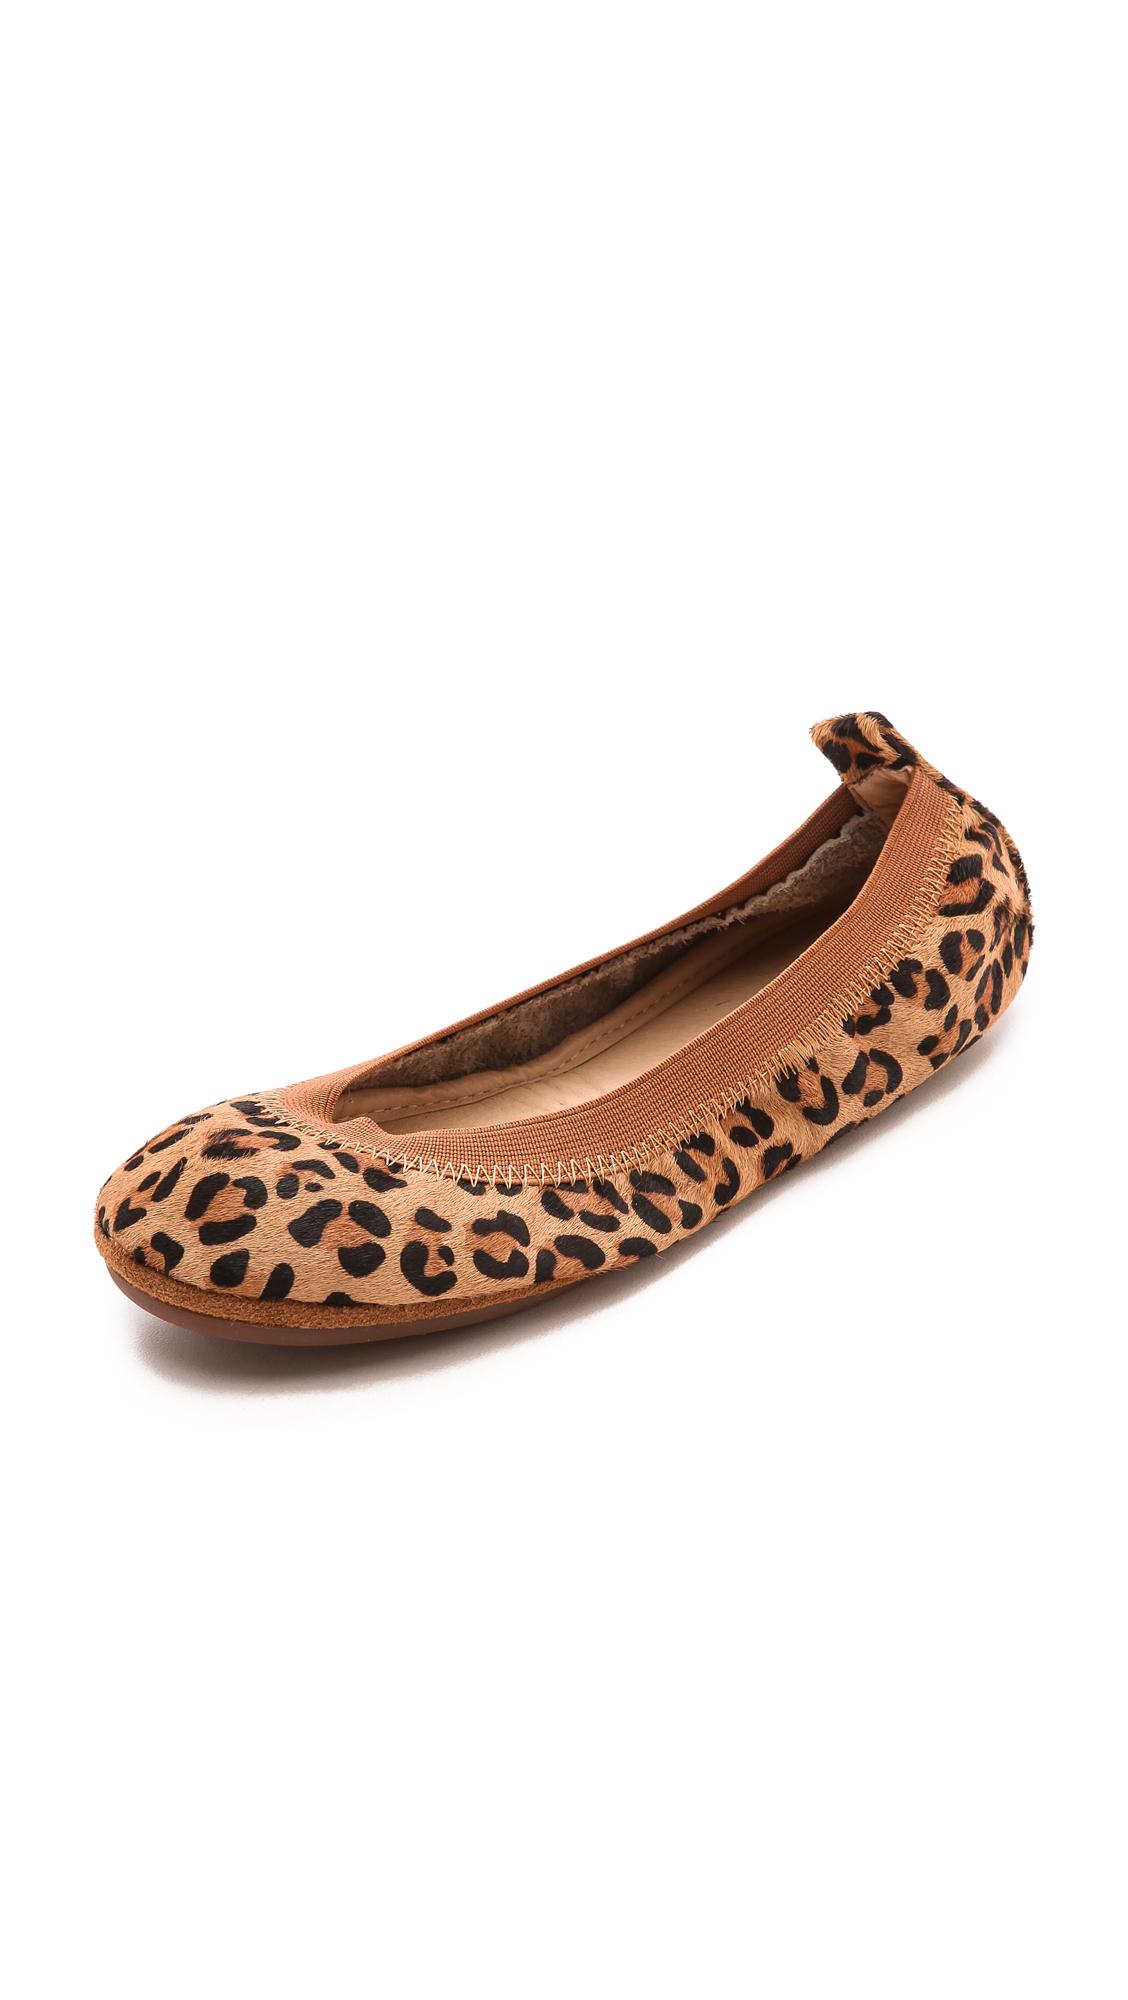 Yosi samra Samara Leopard Haircalf Flats in Animal ...